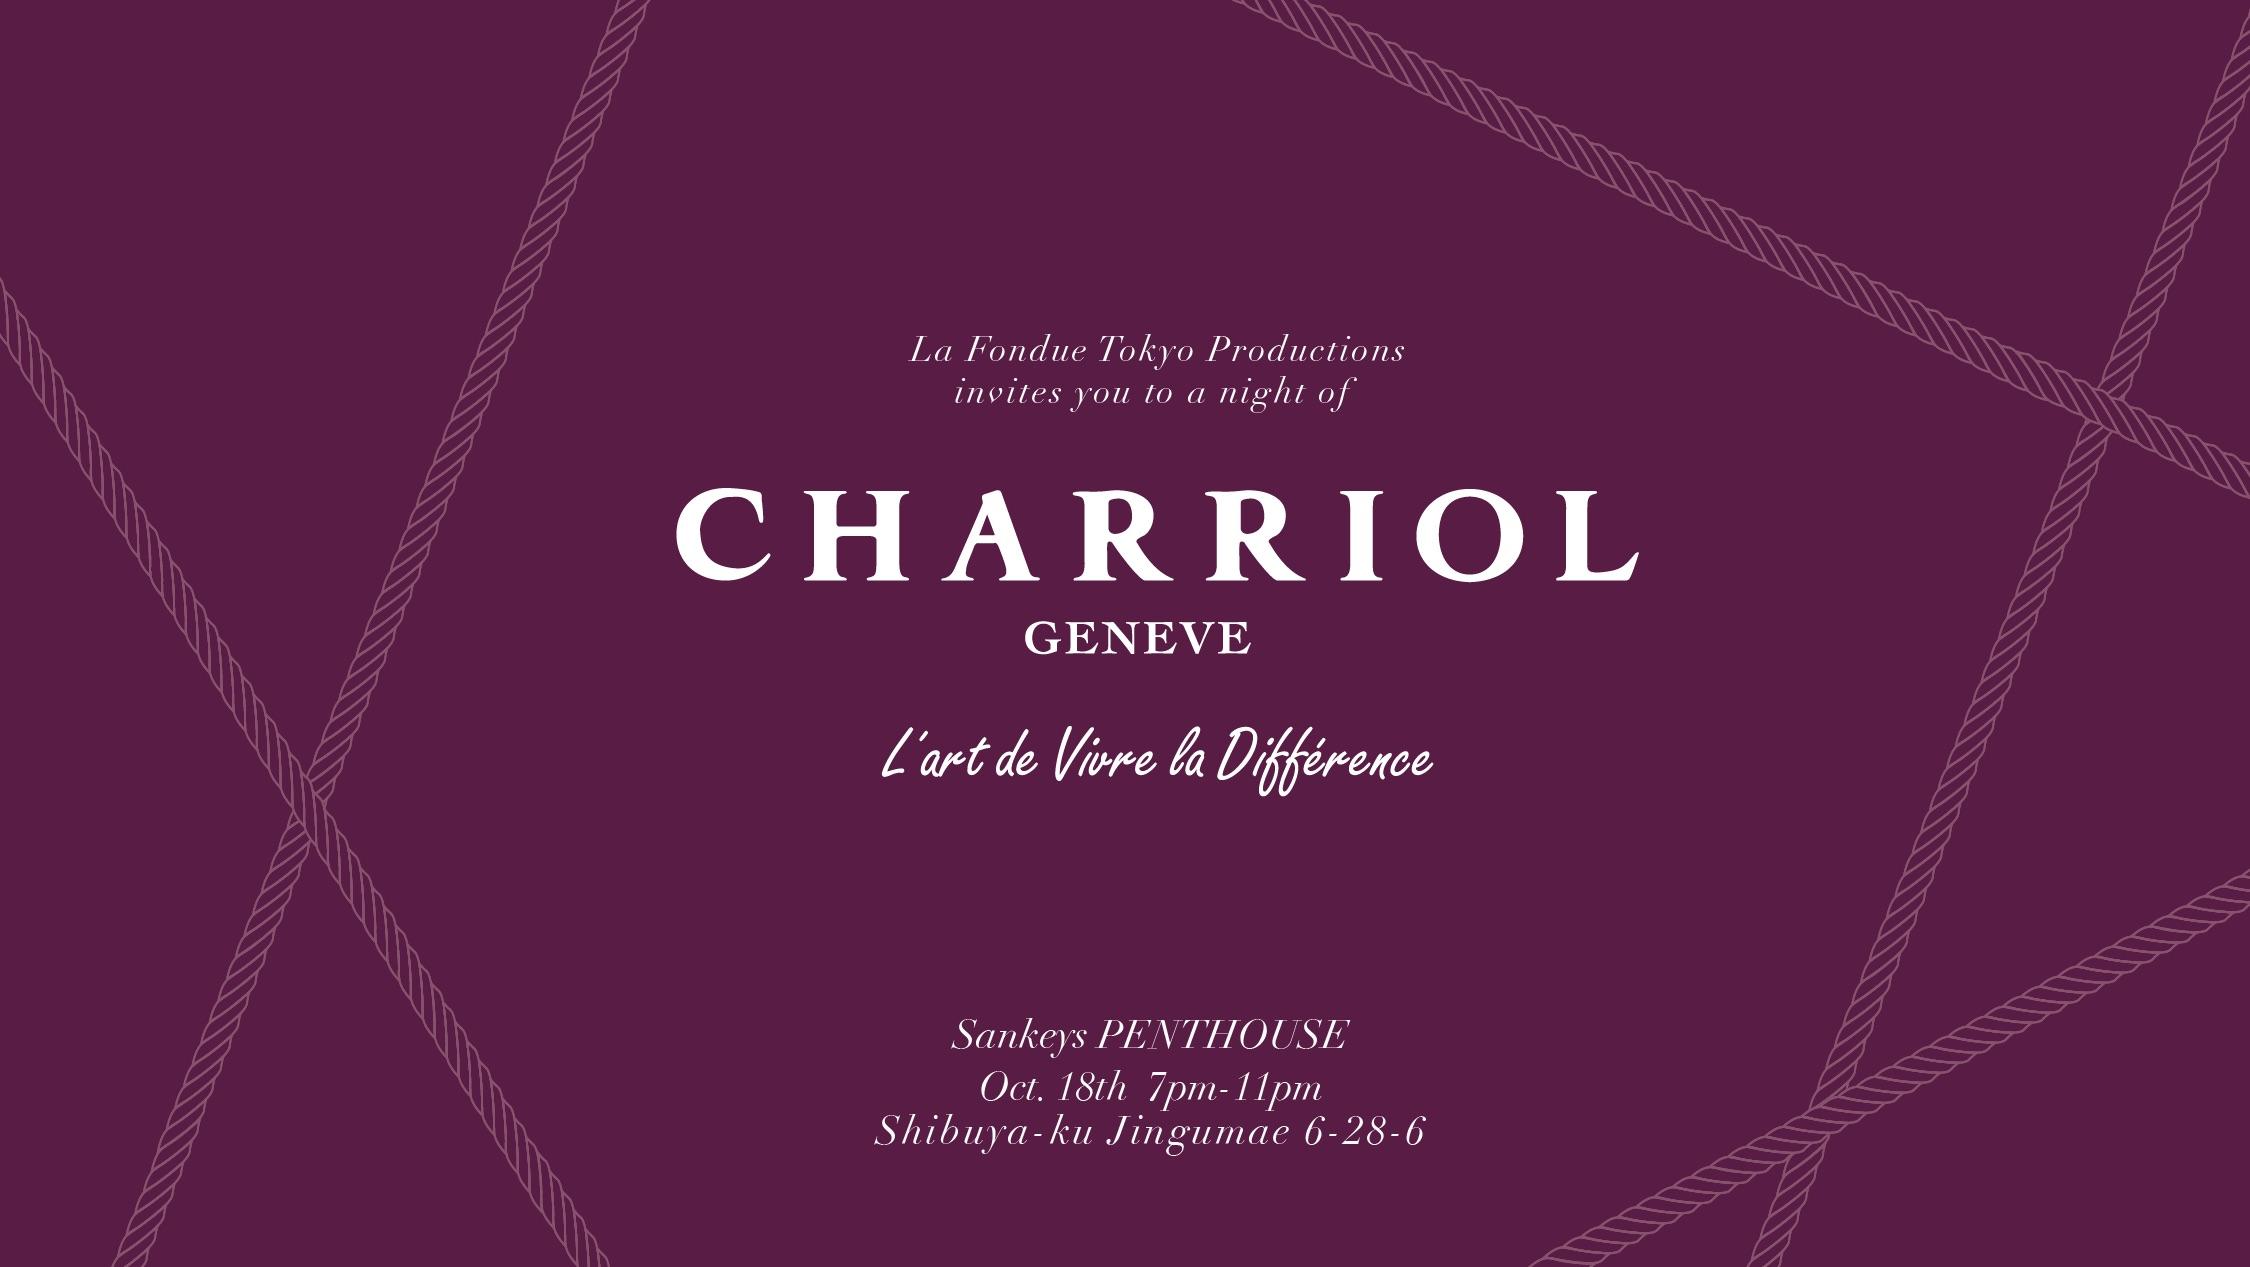 Charriol「L'art de Vivre la Différence」